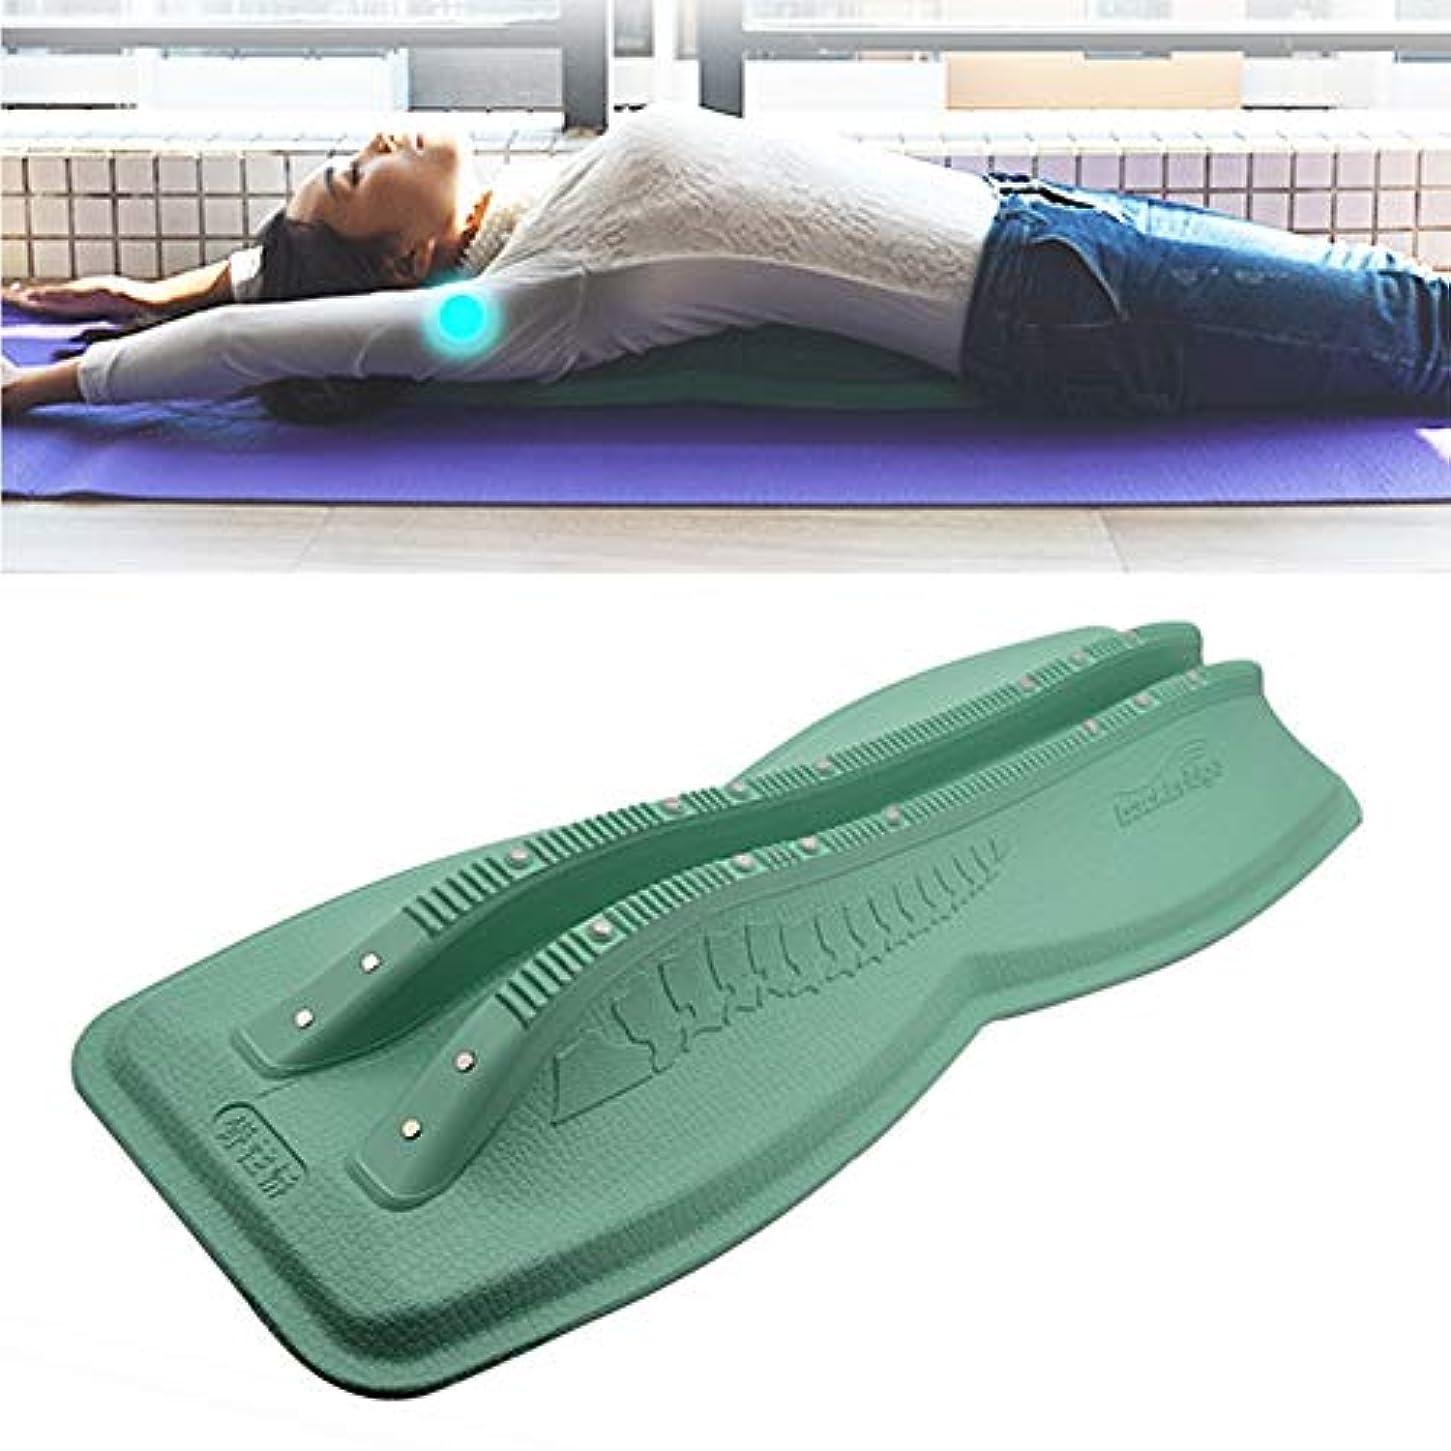 スポーツマンアリス区別ホームバックコレクターキャメルバックコレクター頸部腰椎マッサージ脊椎脊椎ストレッチストレッチ